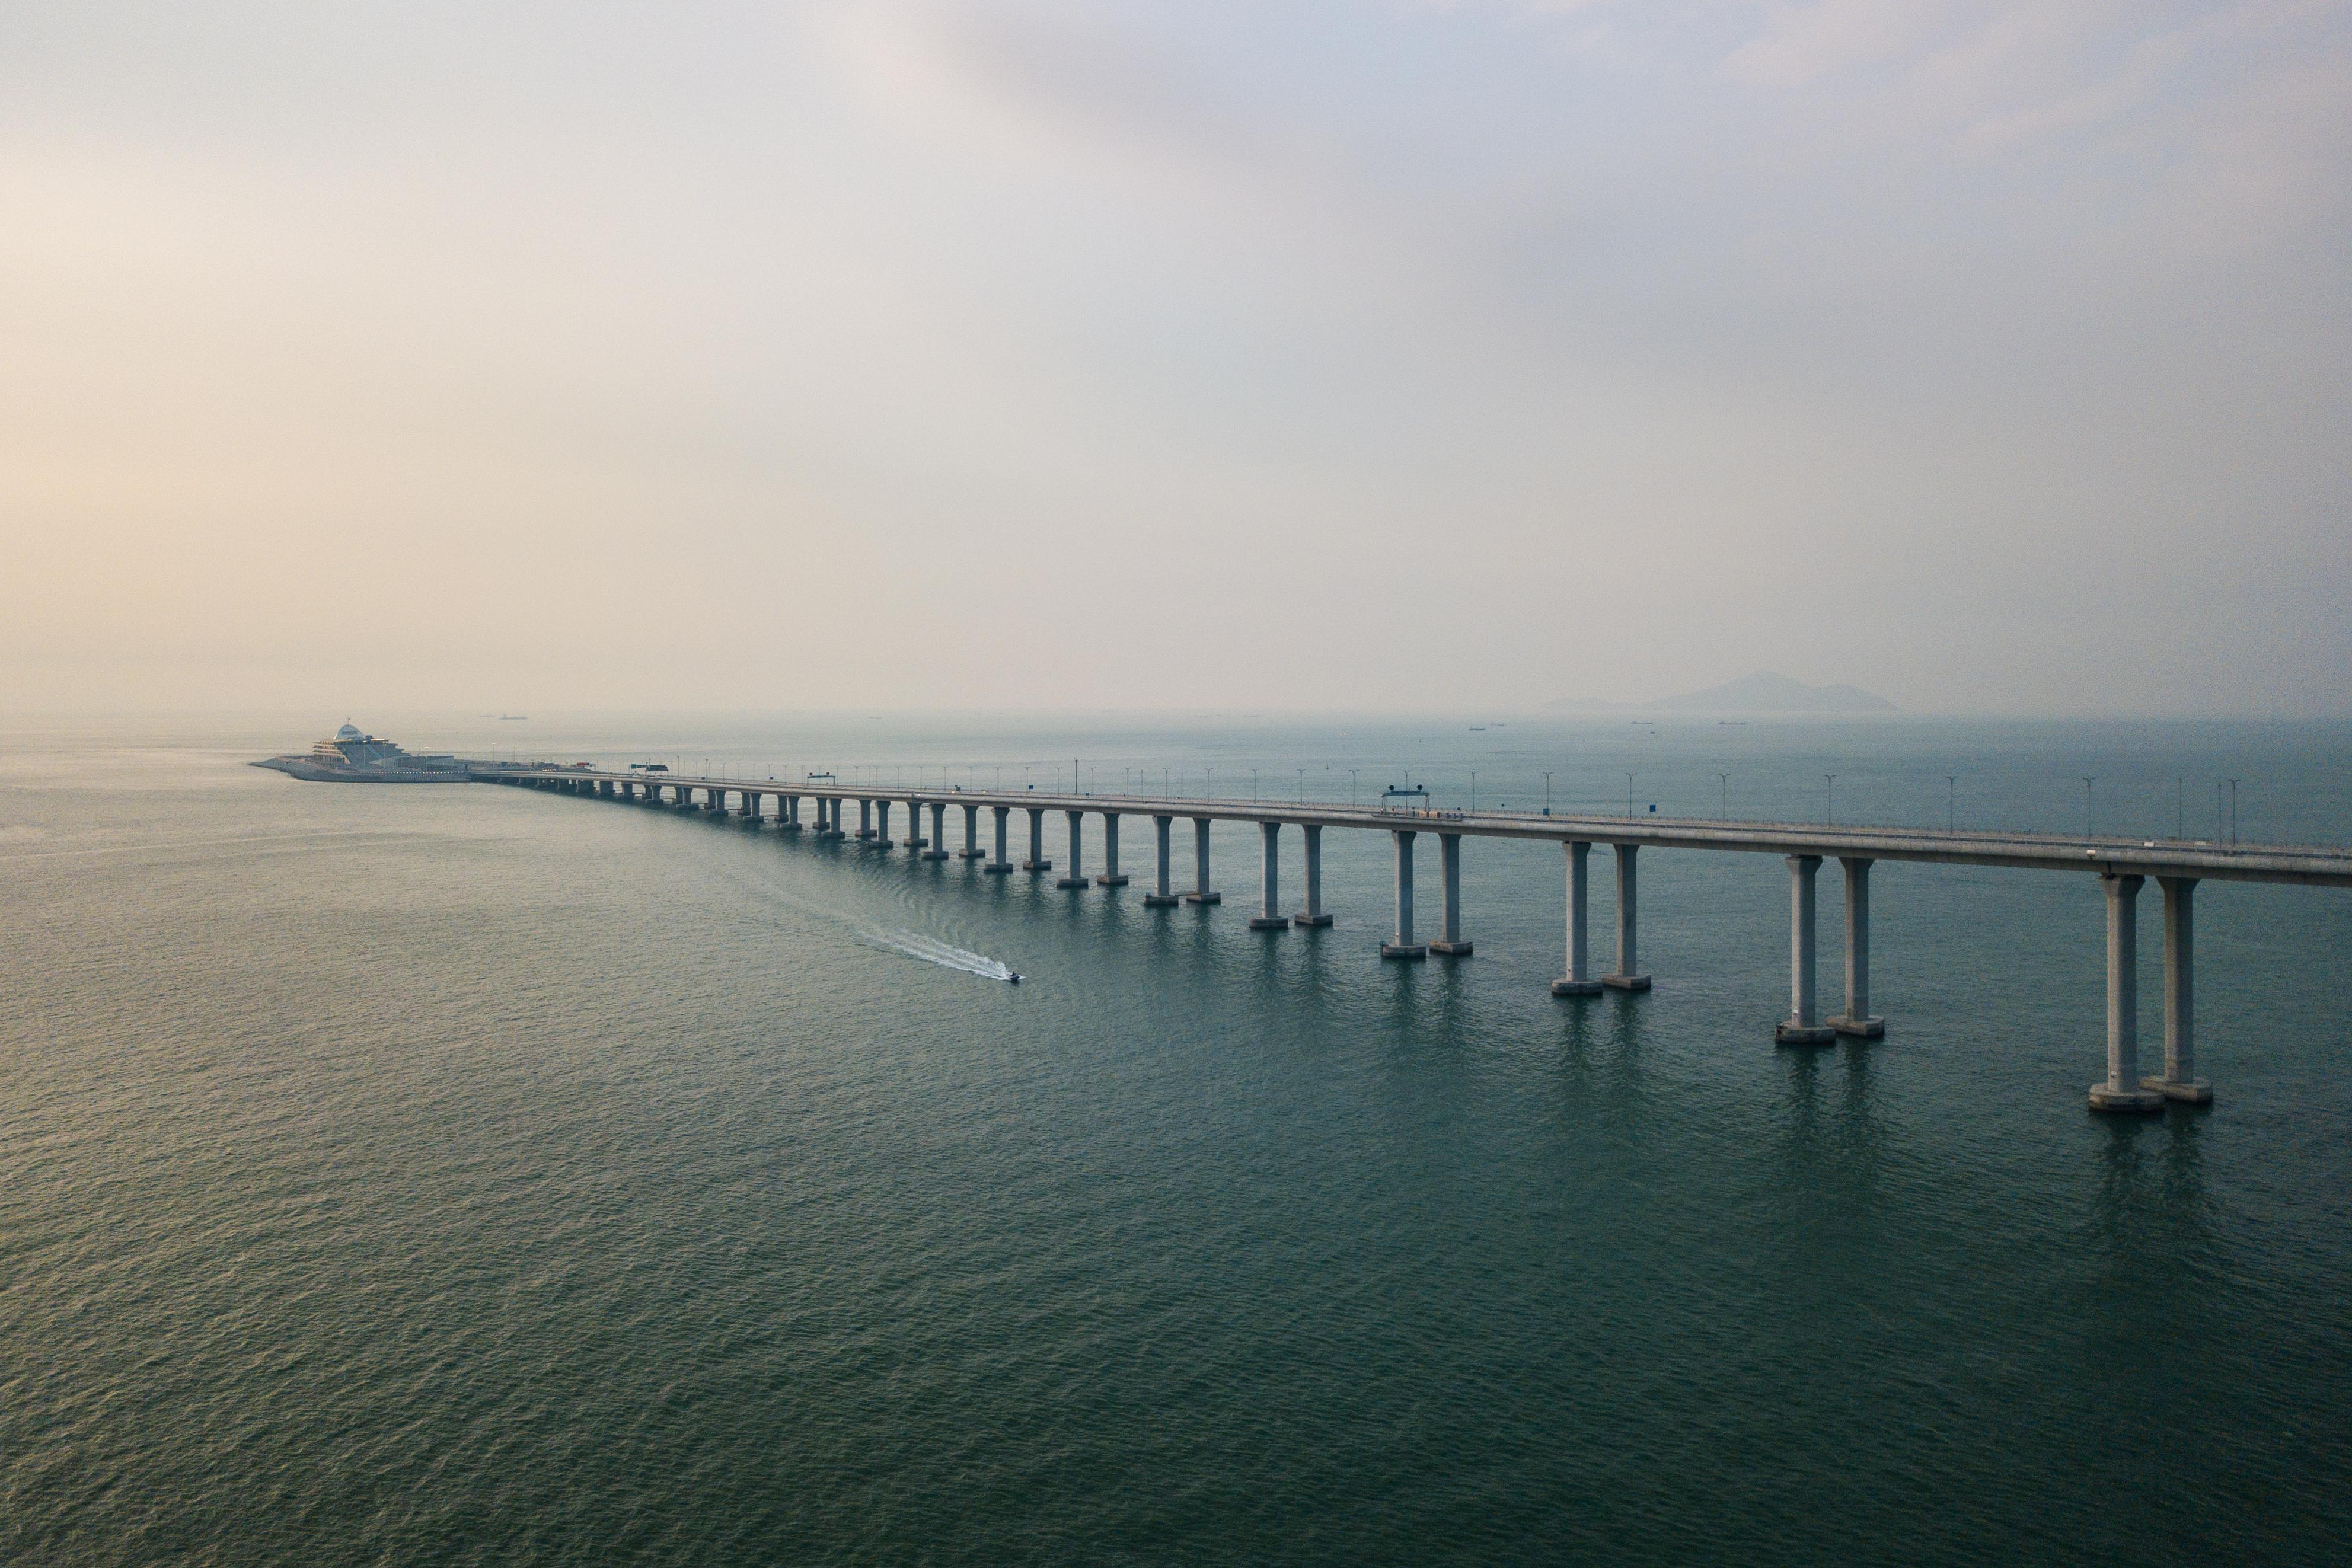 La sección principal del puente tiene 29,6 km y tres partes con tirantes que elevan la estructura para permitir el paso de barcos